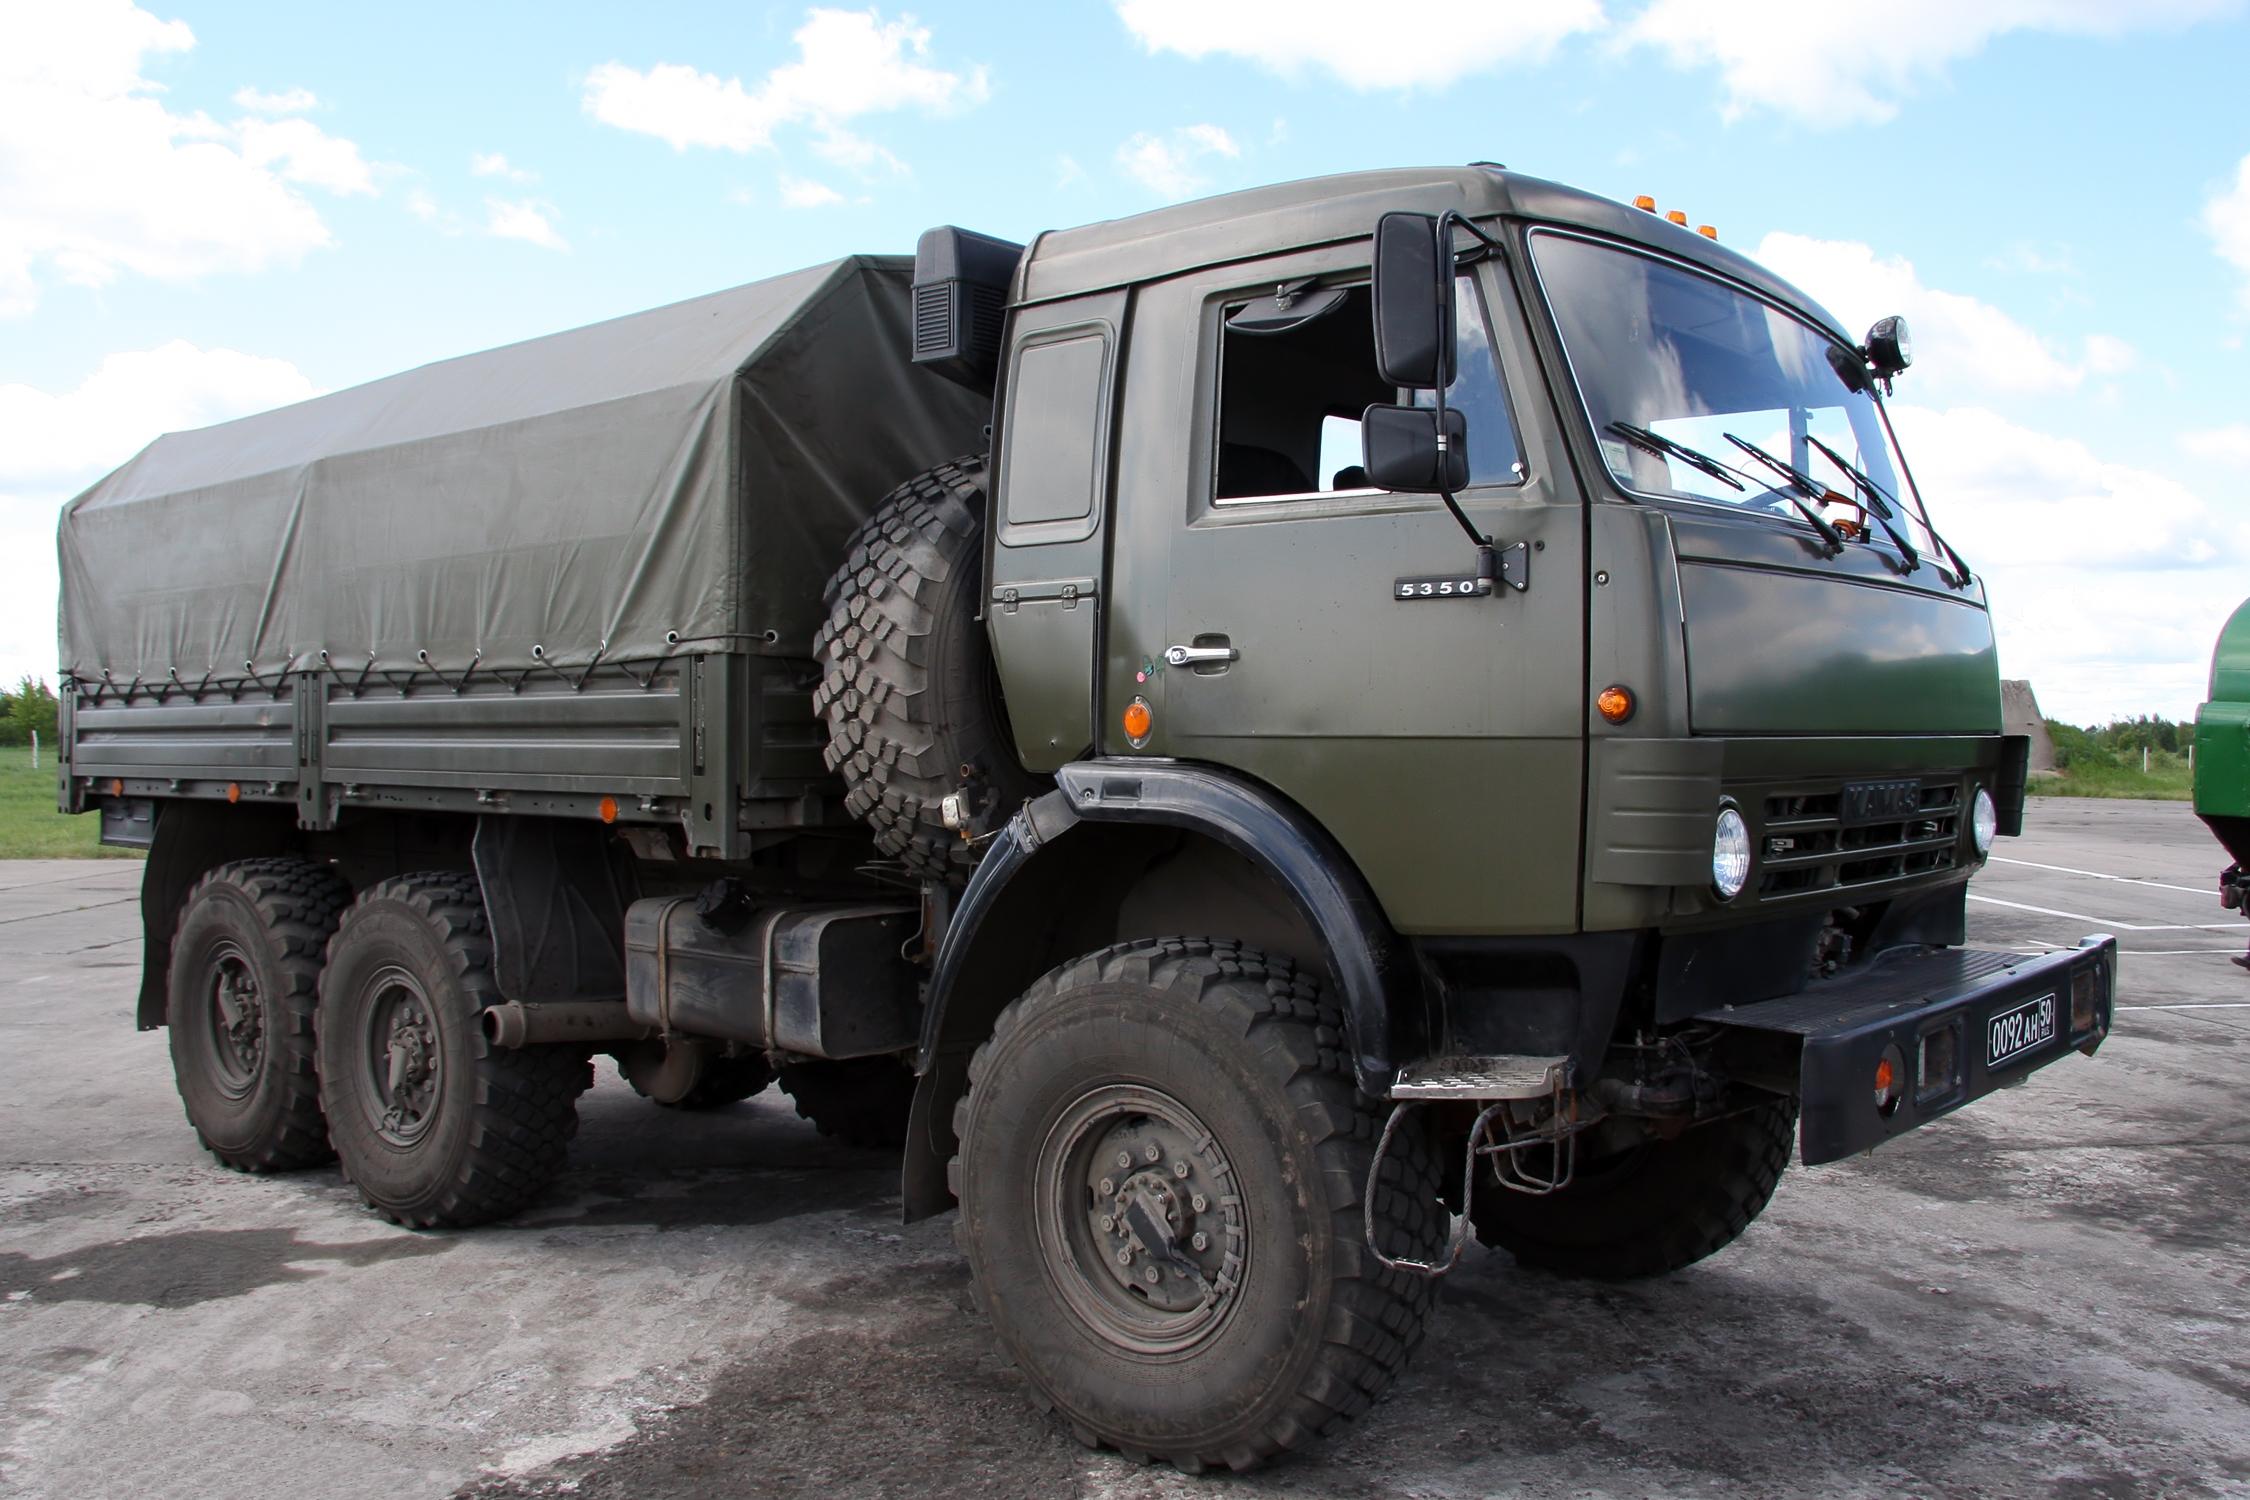 Военный Камаз Технические Характеристики и Расход Топлива  КамАЗ 5350 с крытым кузовом